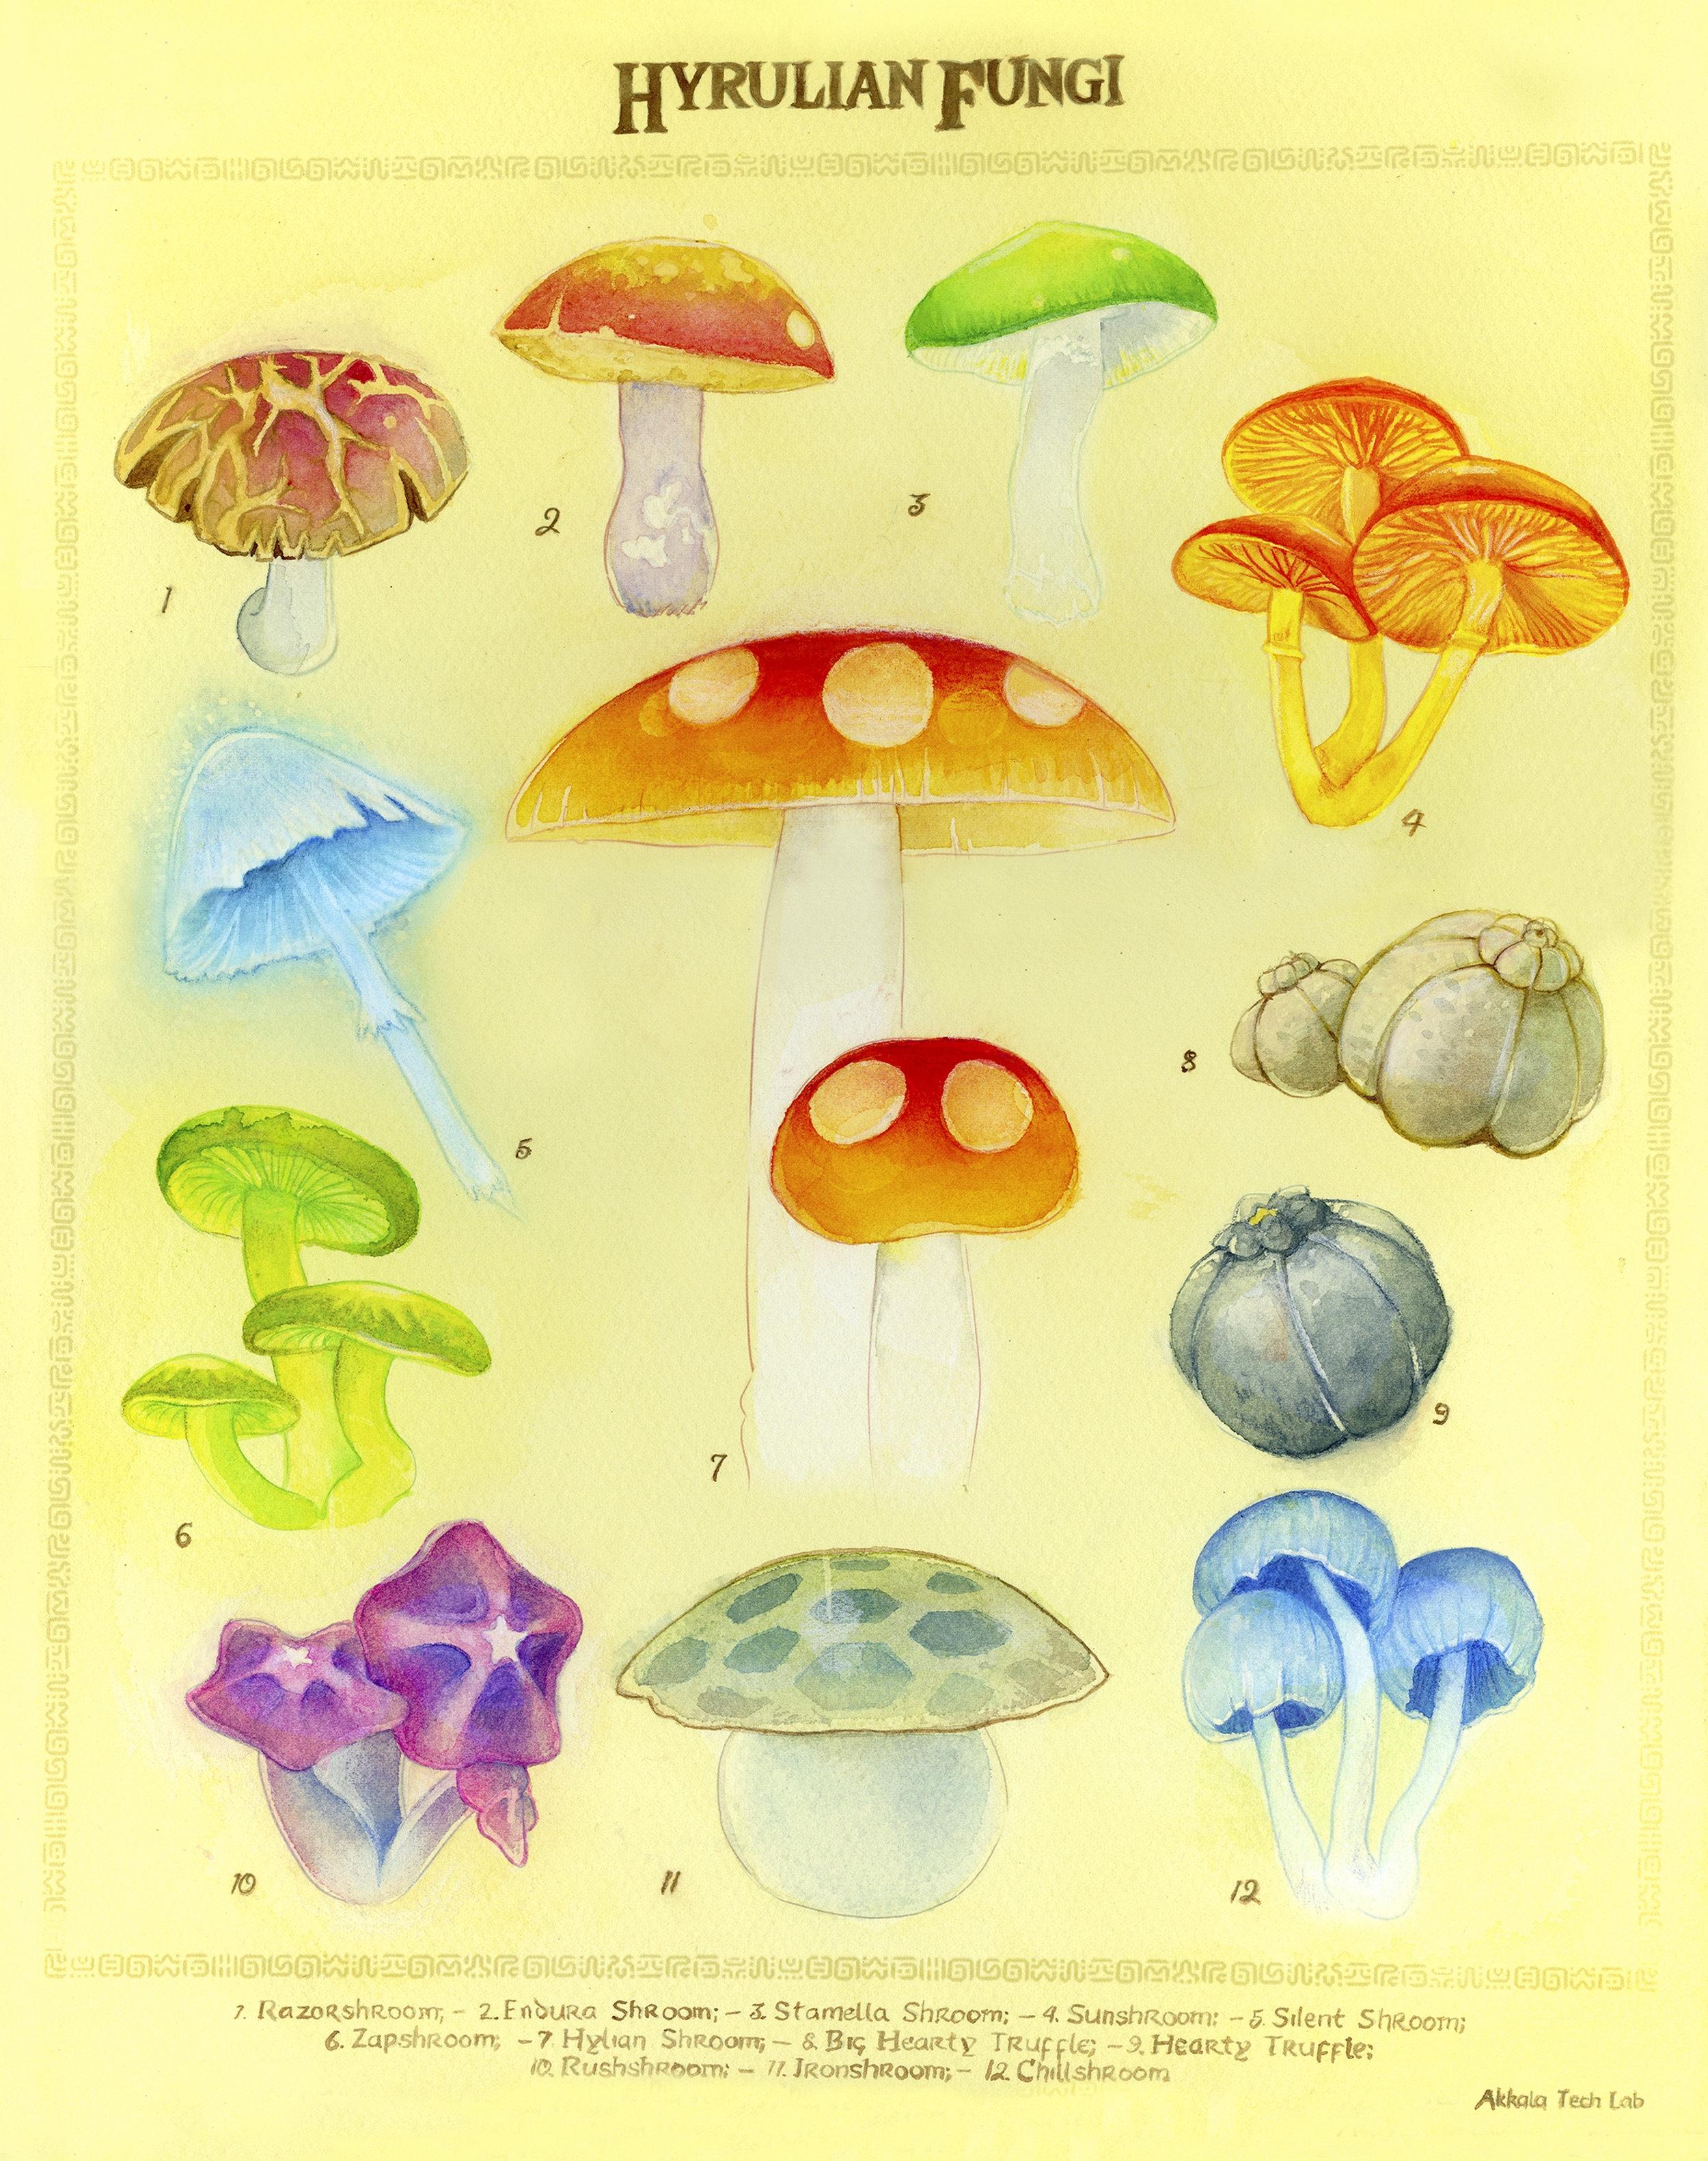 Hyrulian Fungi